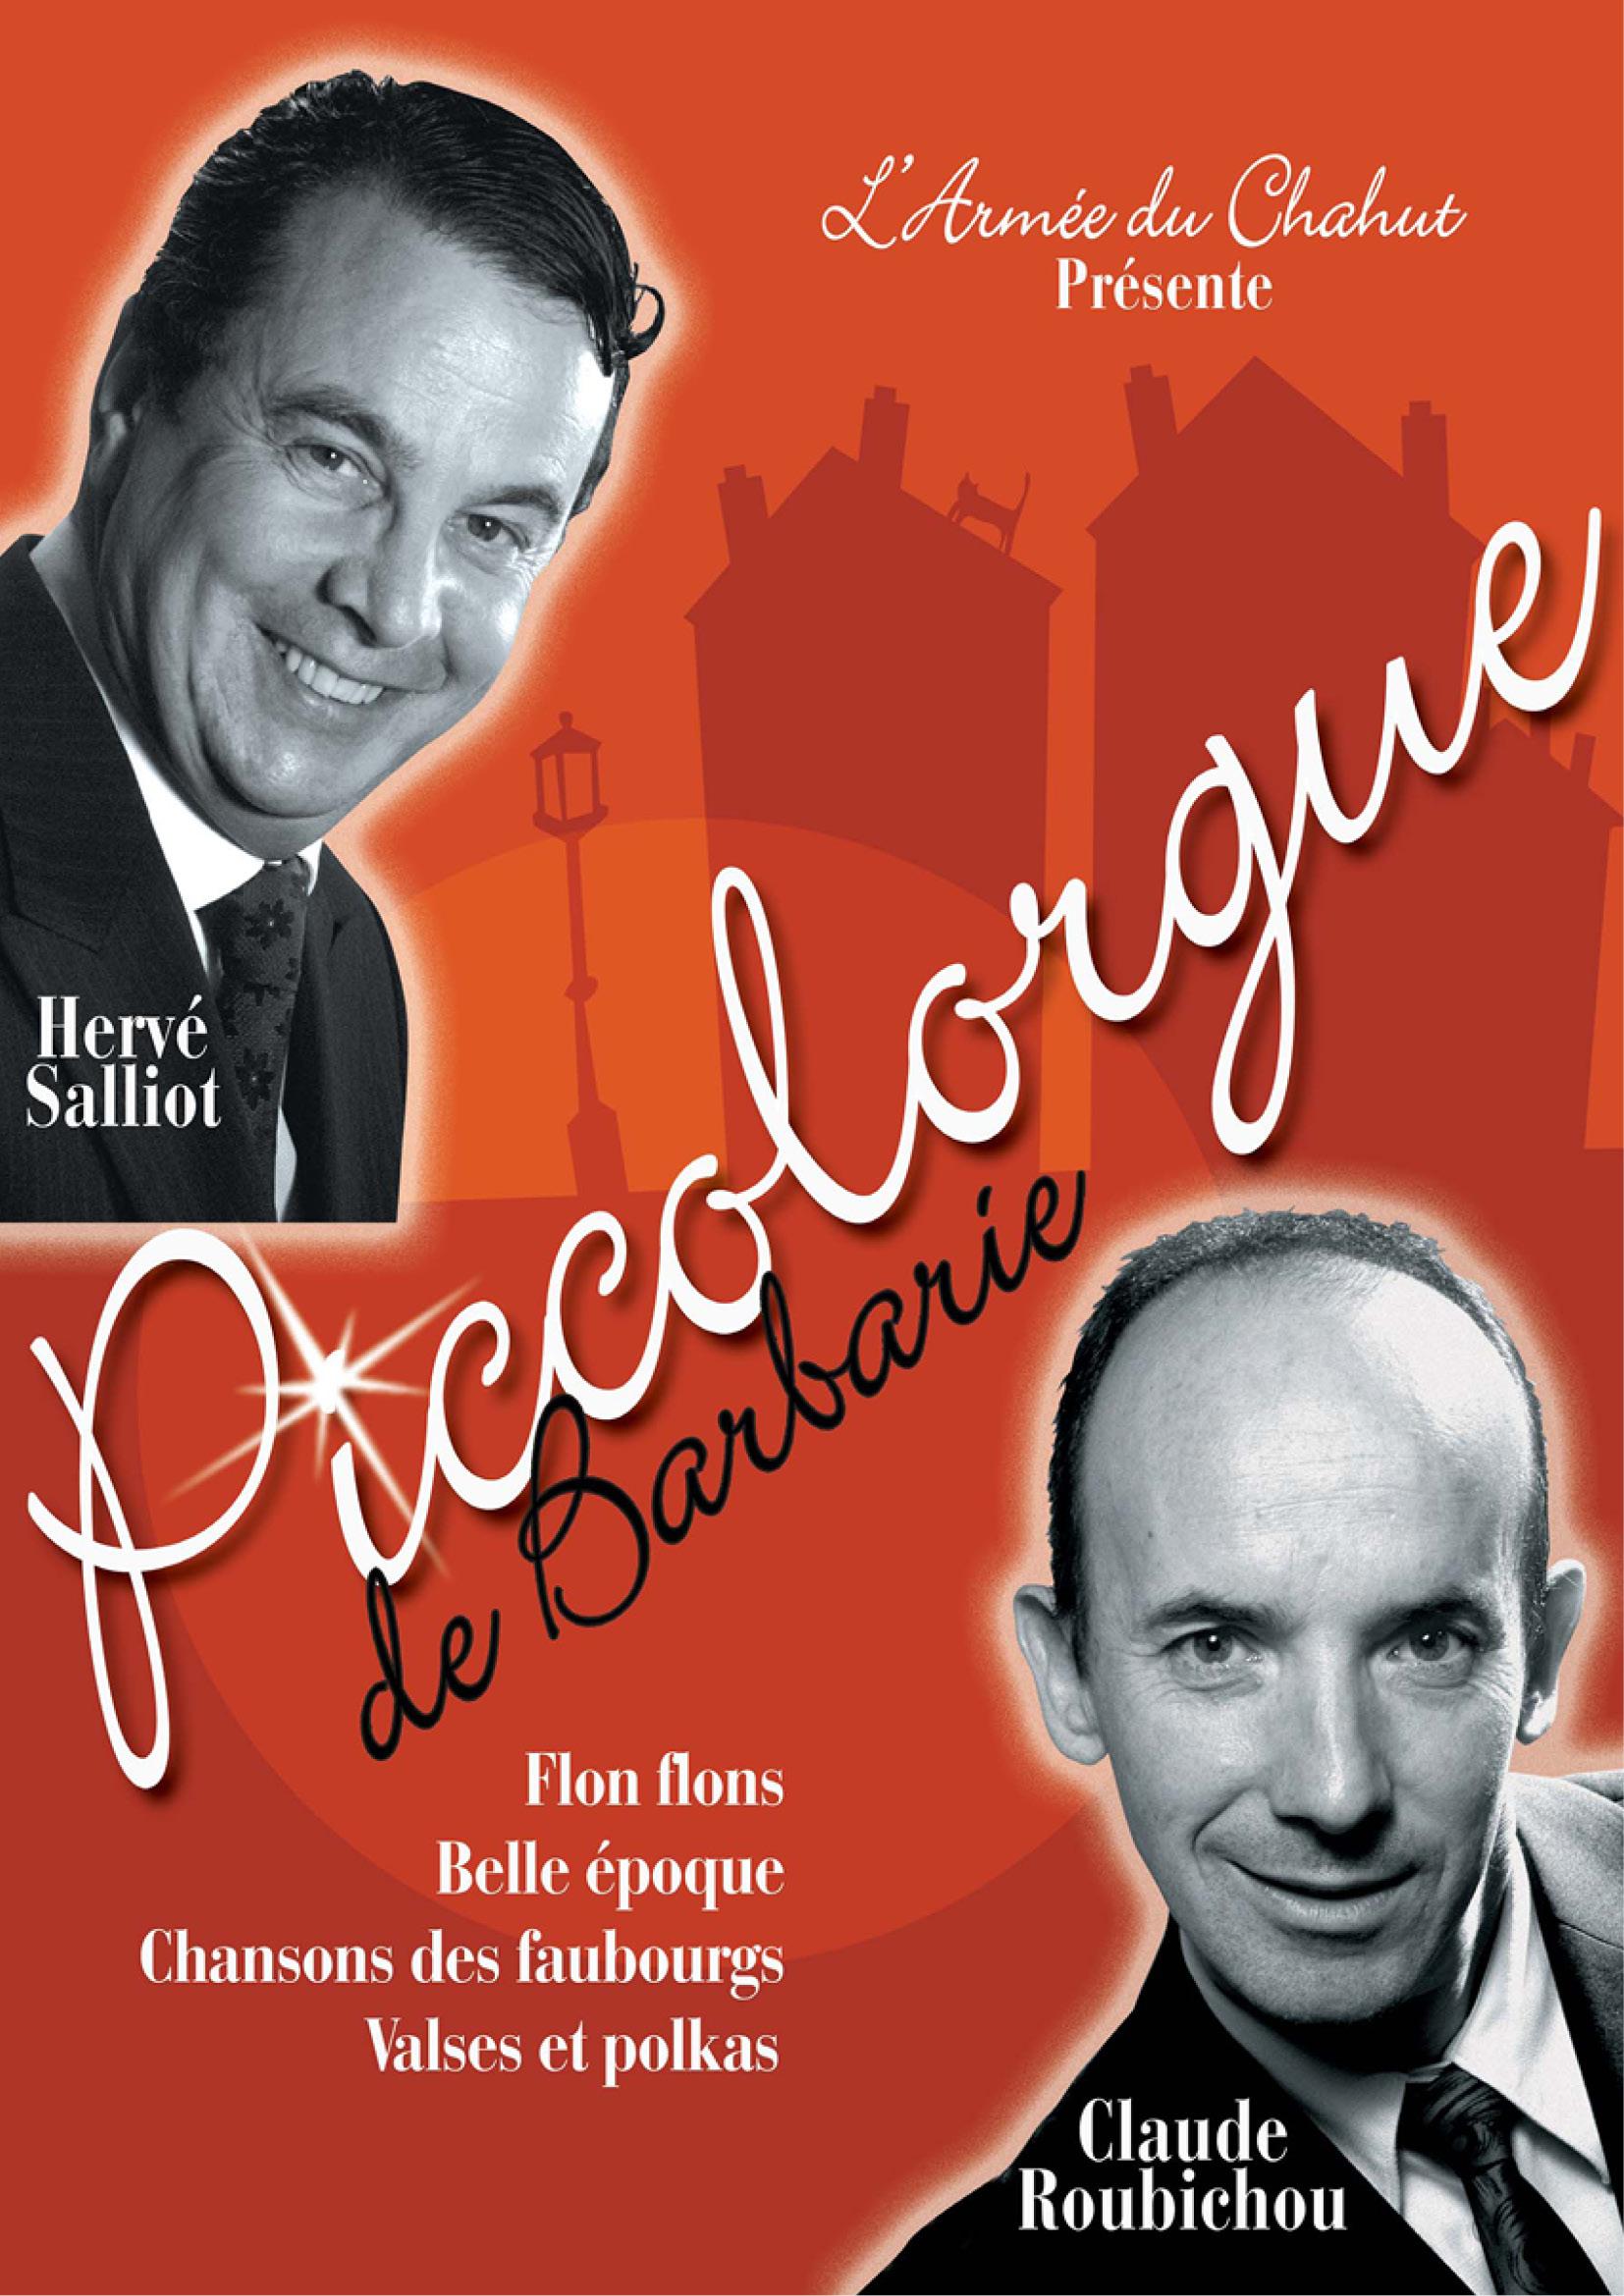 Affiche Hervé Salliot, Claude Roubichou